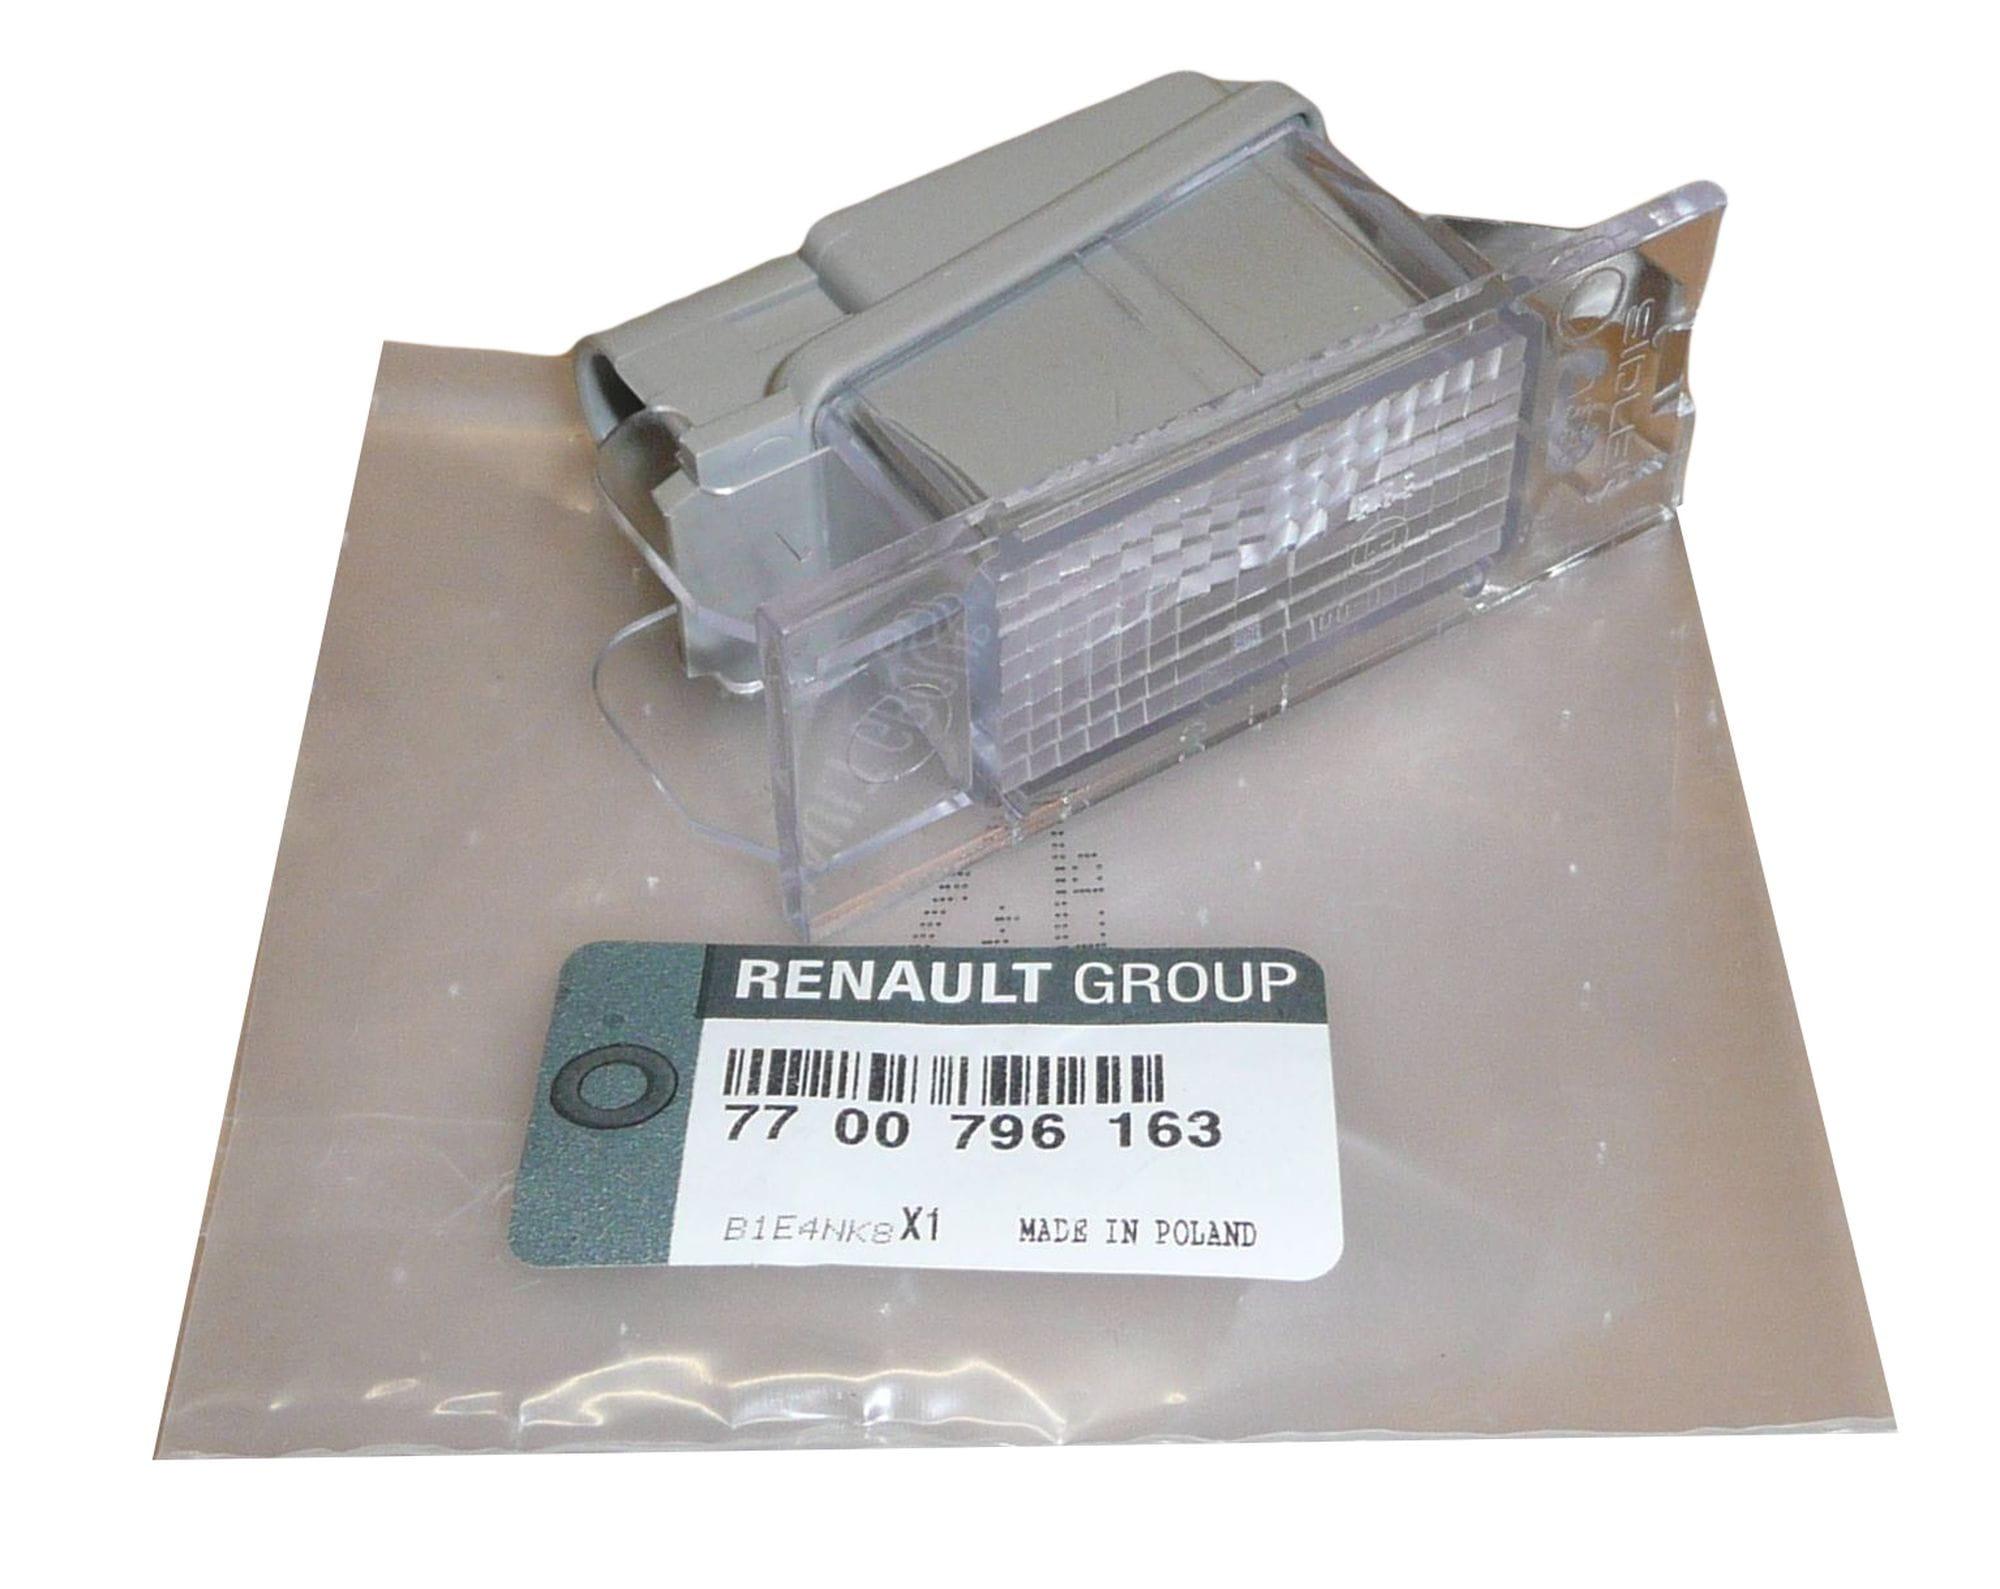 Lampka Oświetlenia Tablicy Rejestracyjnej Renault Clio Iii Master Ii 7700796163 Oryginał